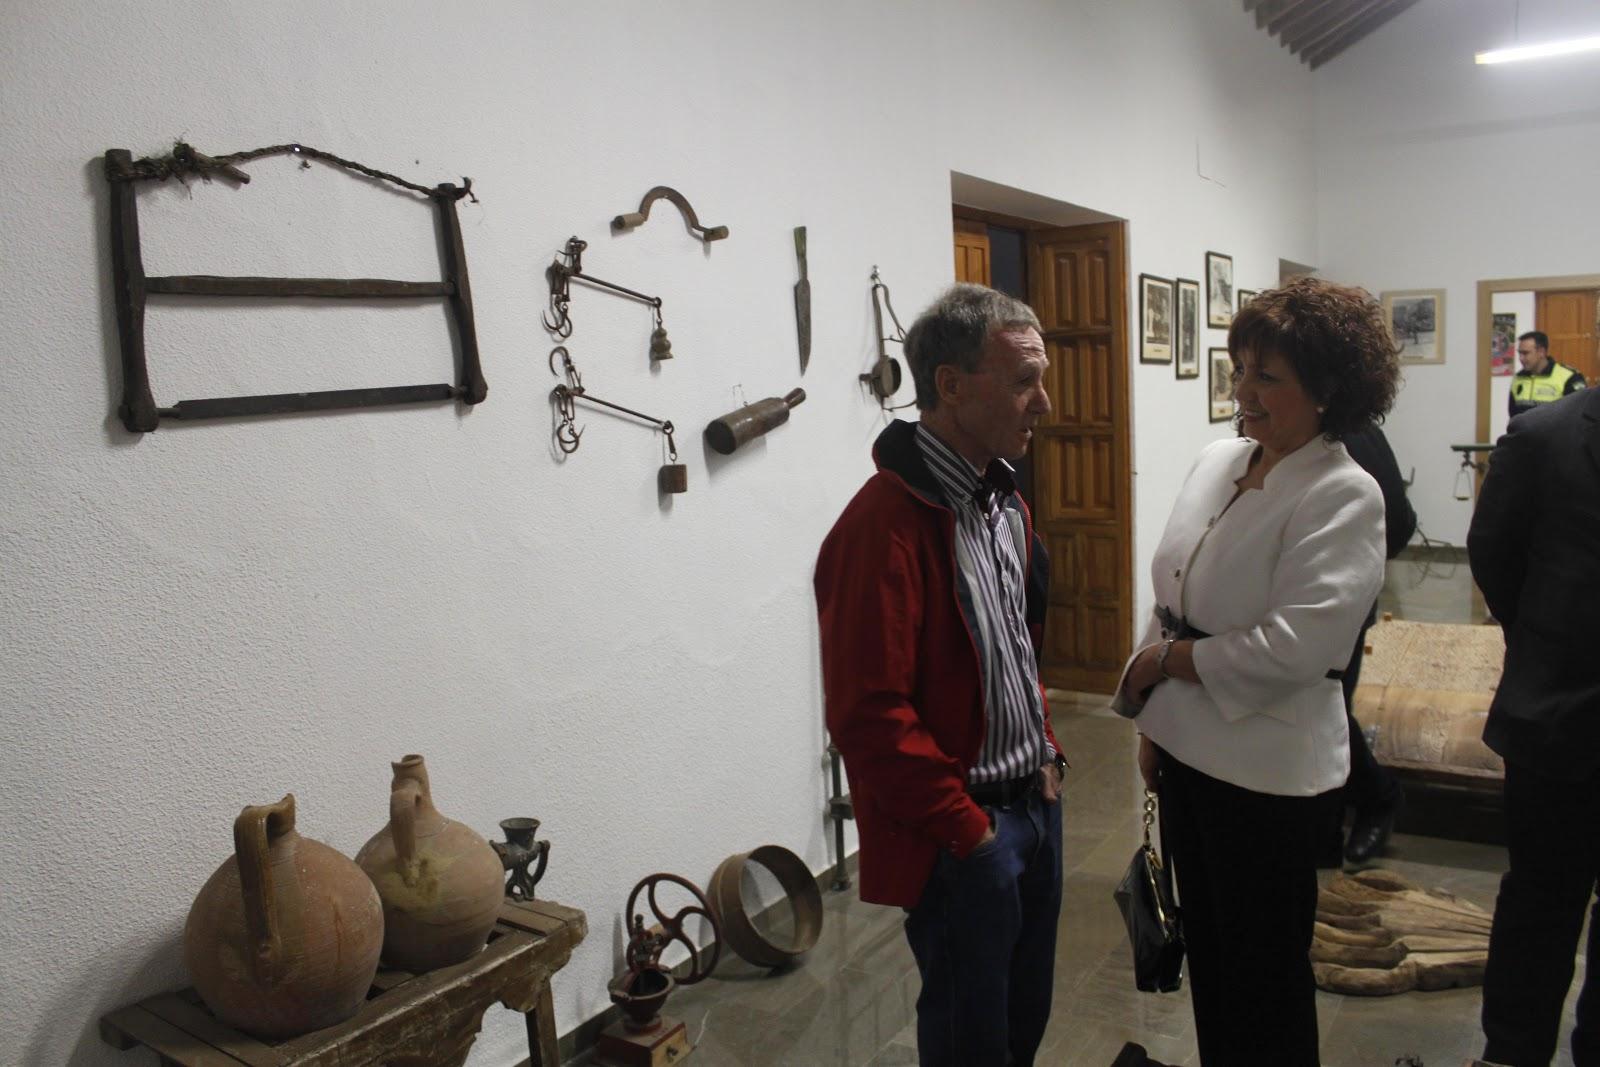 Blog de la alcaldesa de rgiva rgiva recuerda su pasado - Aperos agricolas antiguos ...